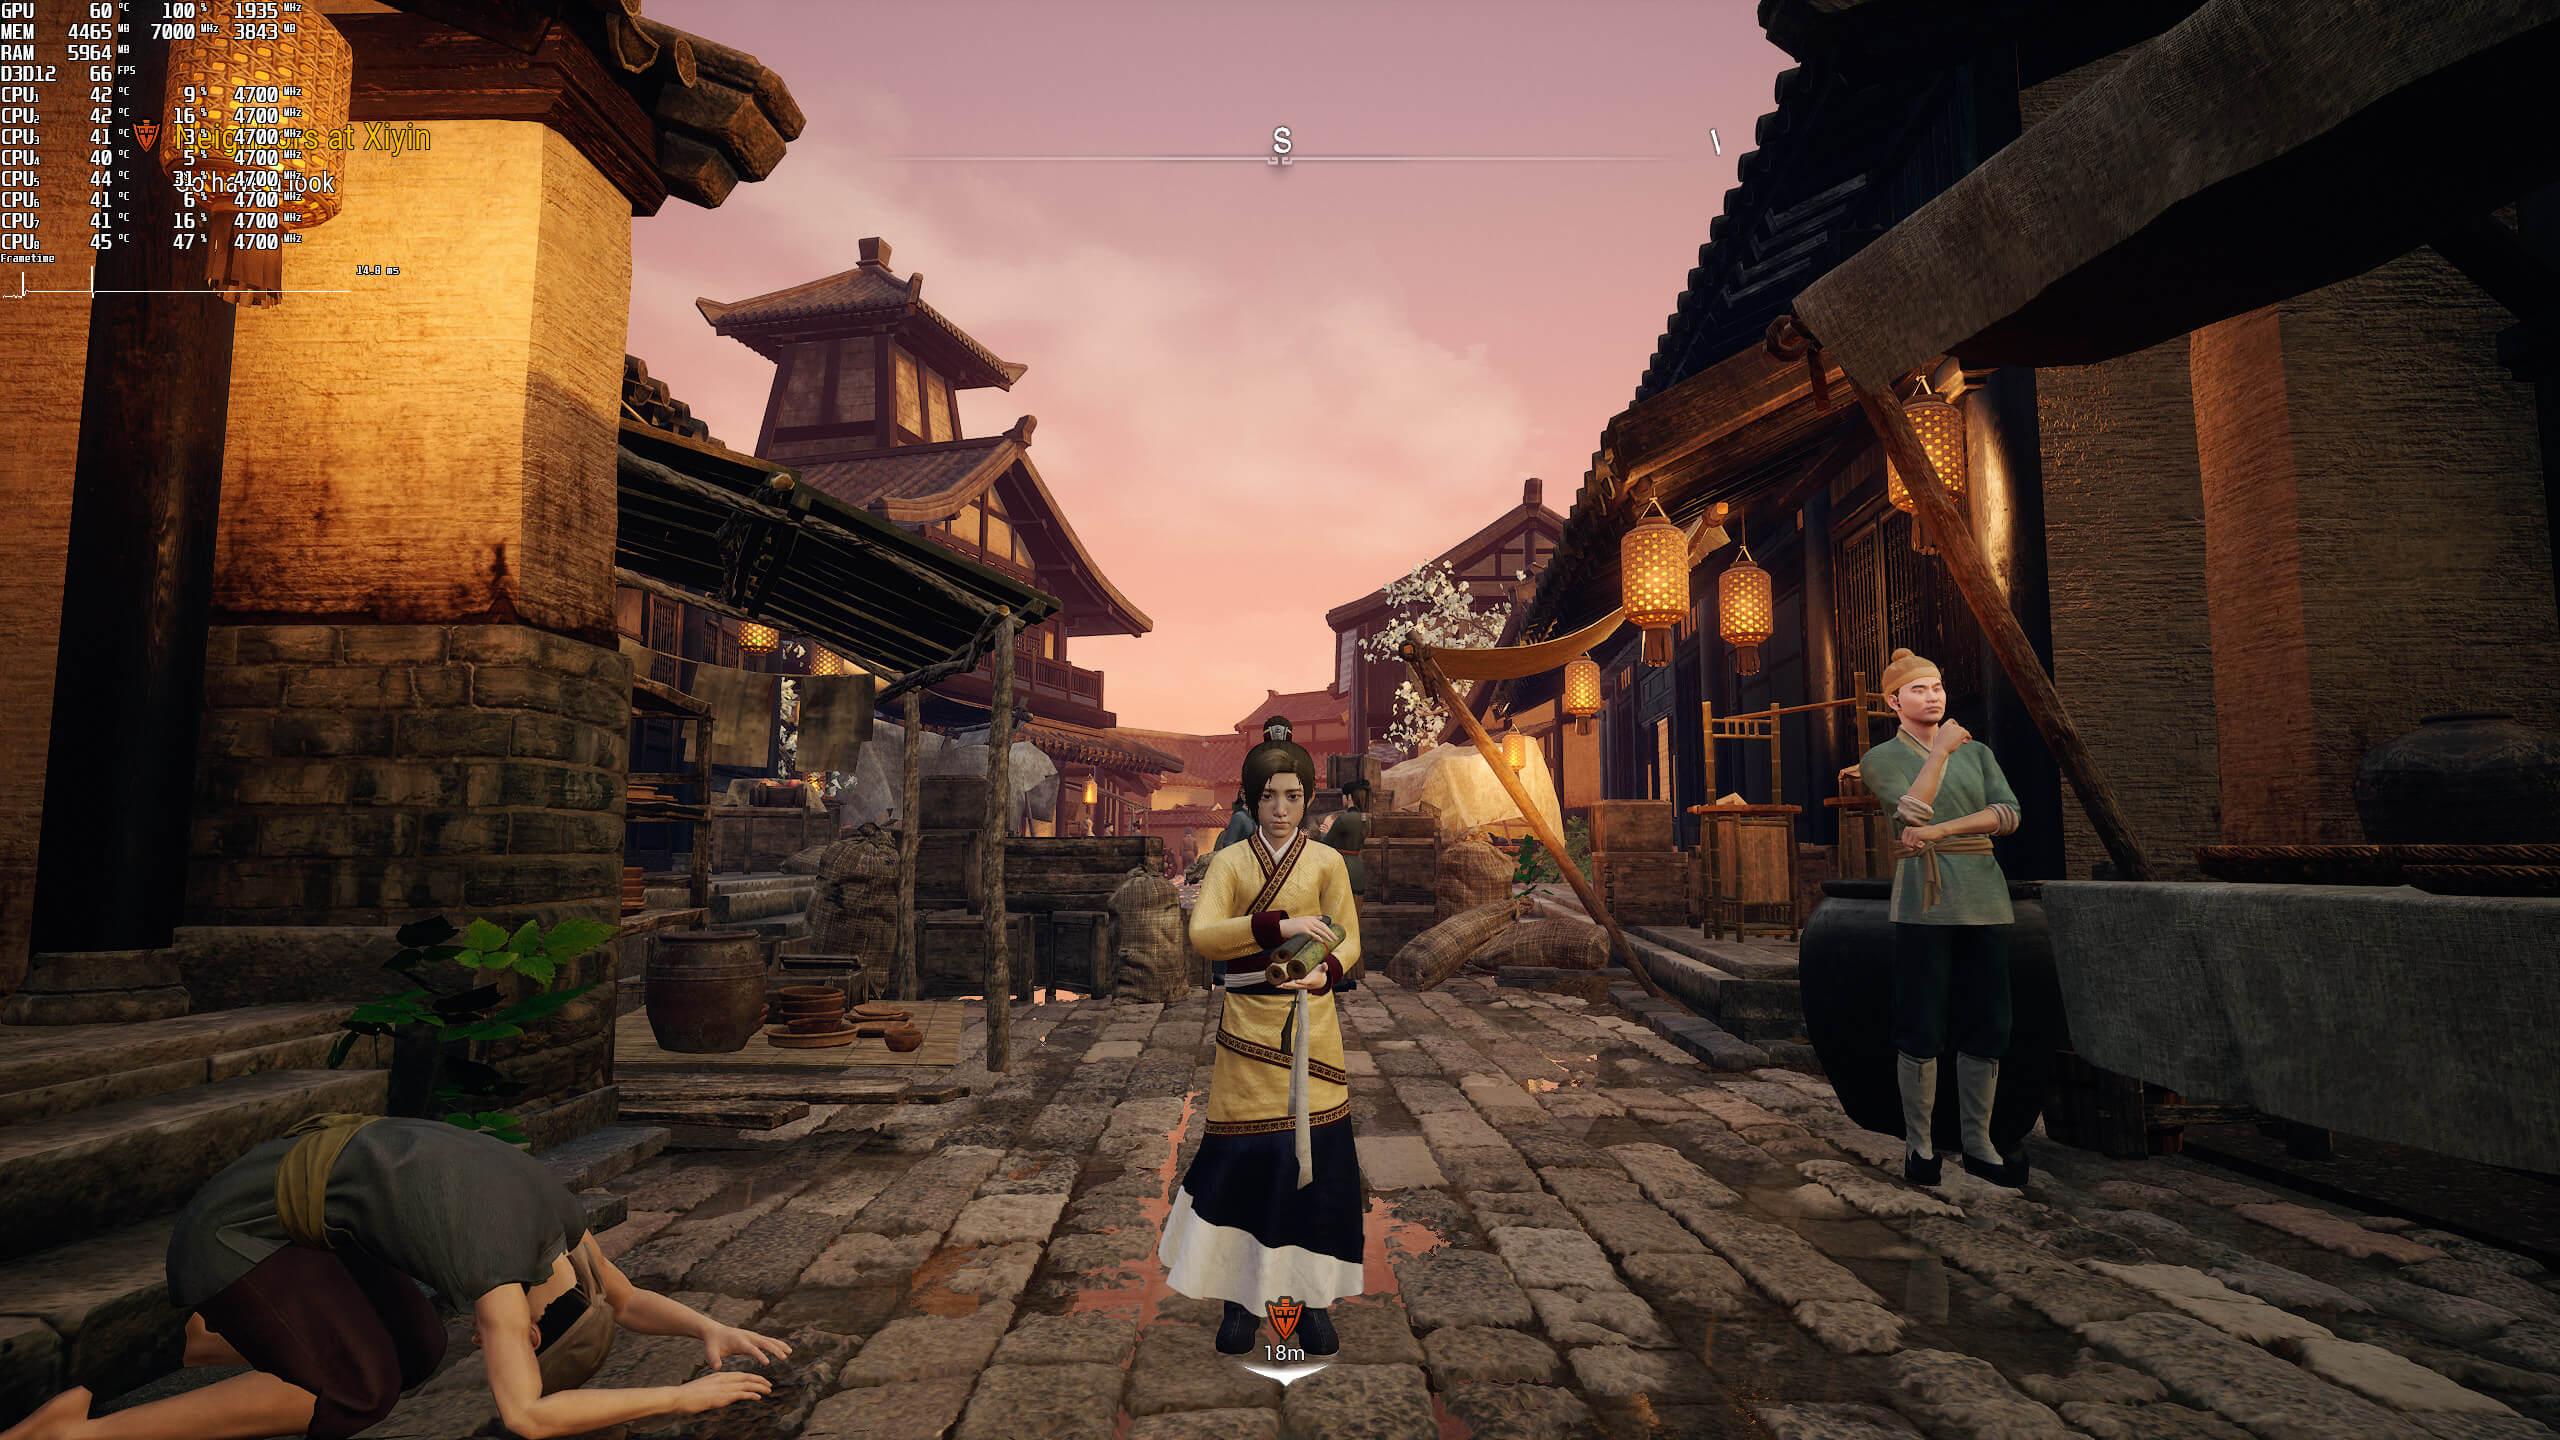 《轩辕剑7》光追和DLSS测试 性能模式稳定90帧以上